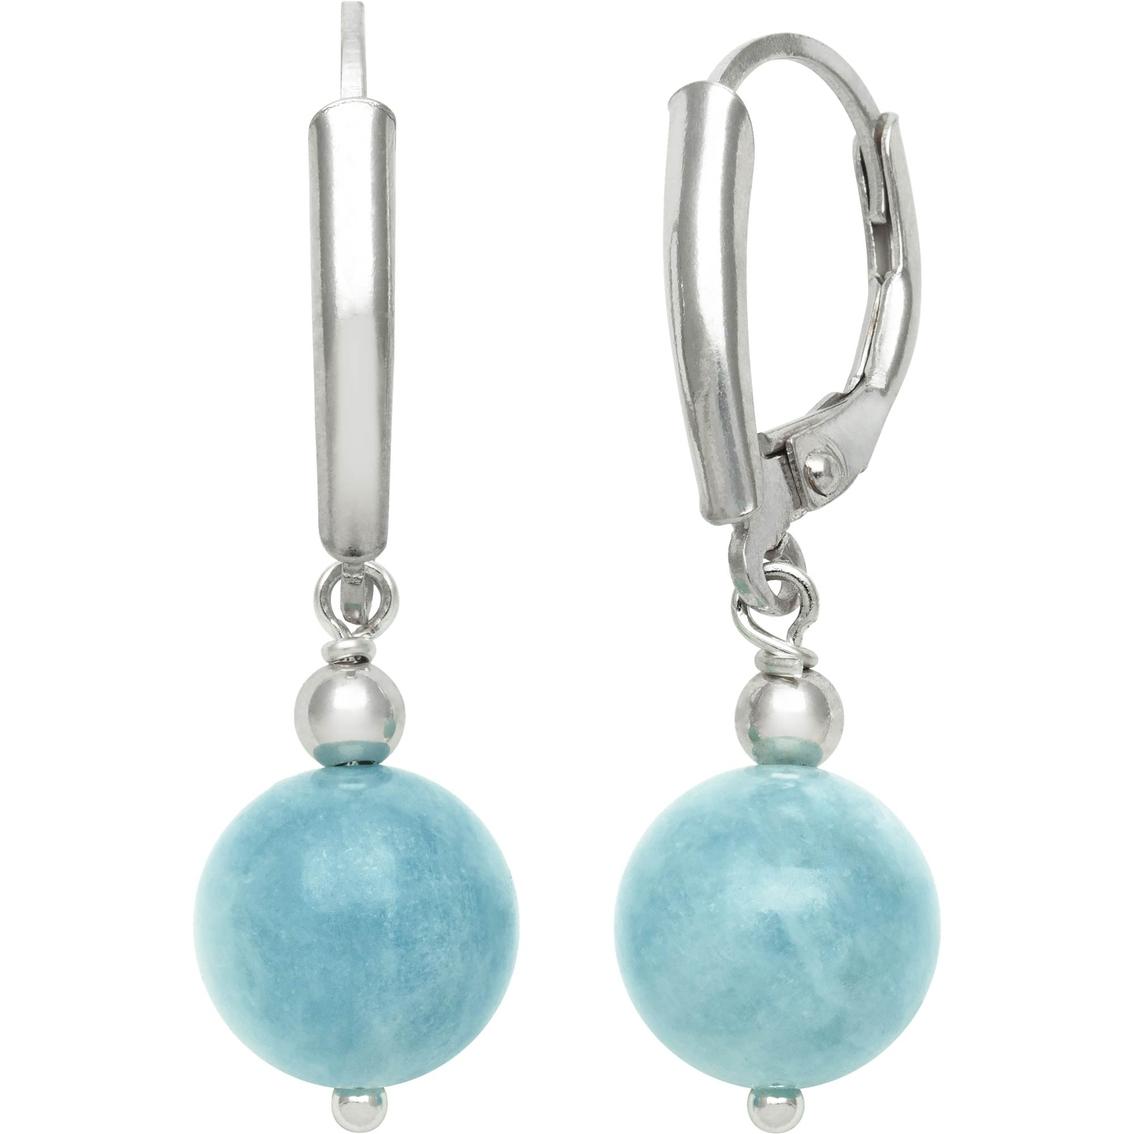 Aquamarine Gemstone Earrings: Sterling Silver Milky Aquamarine Earrings